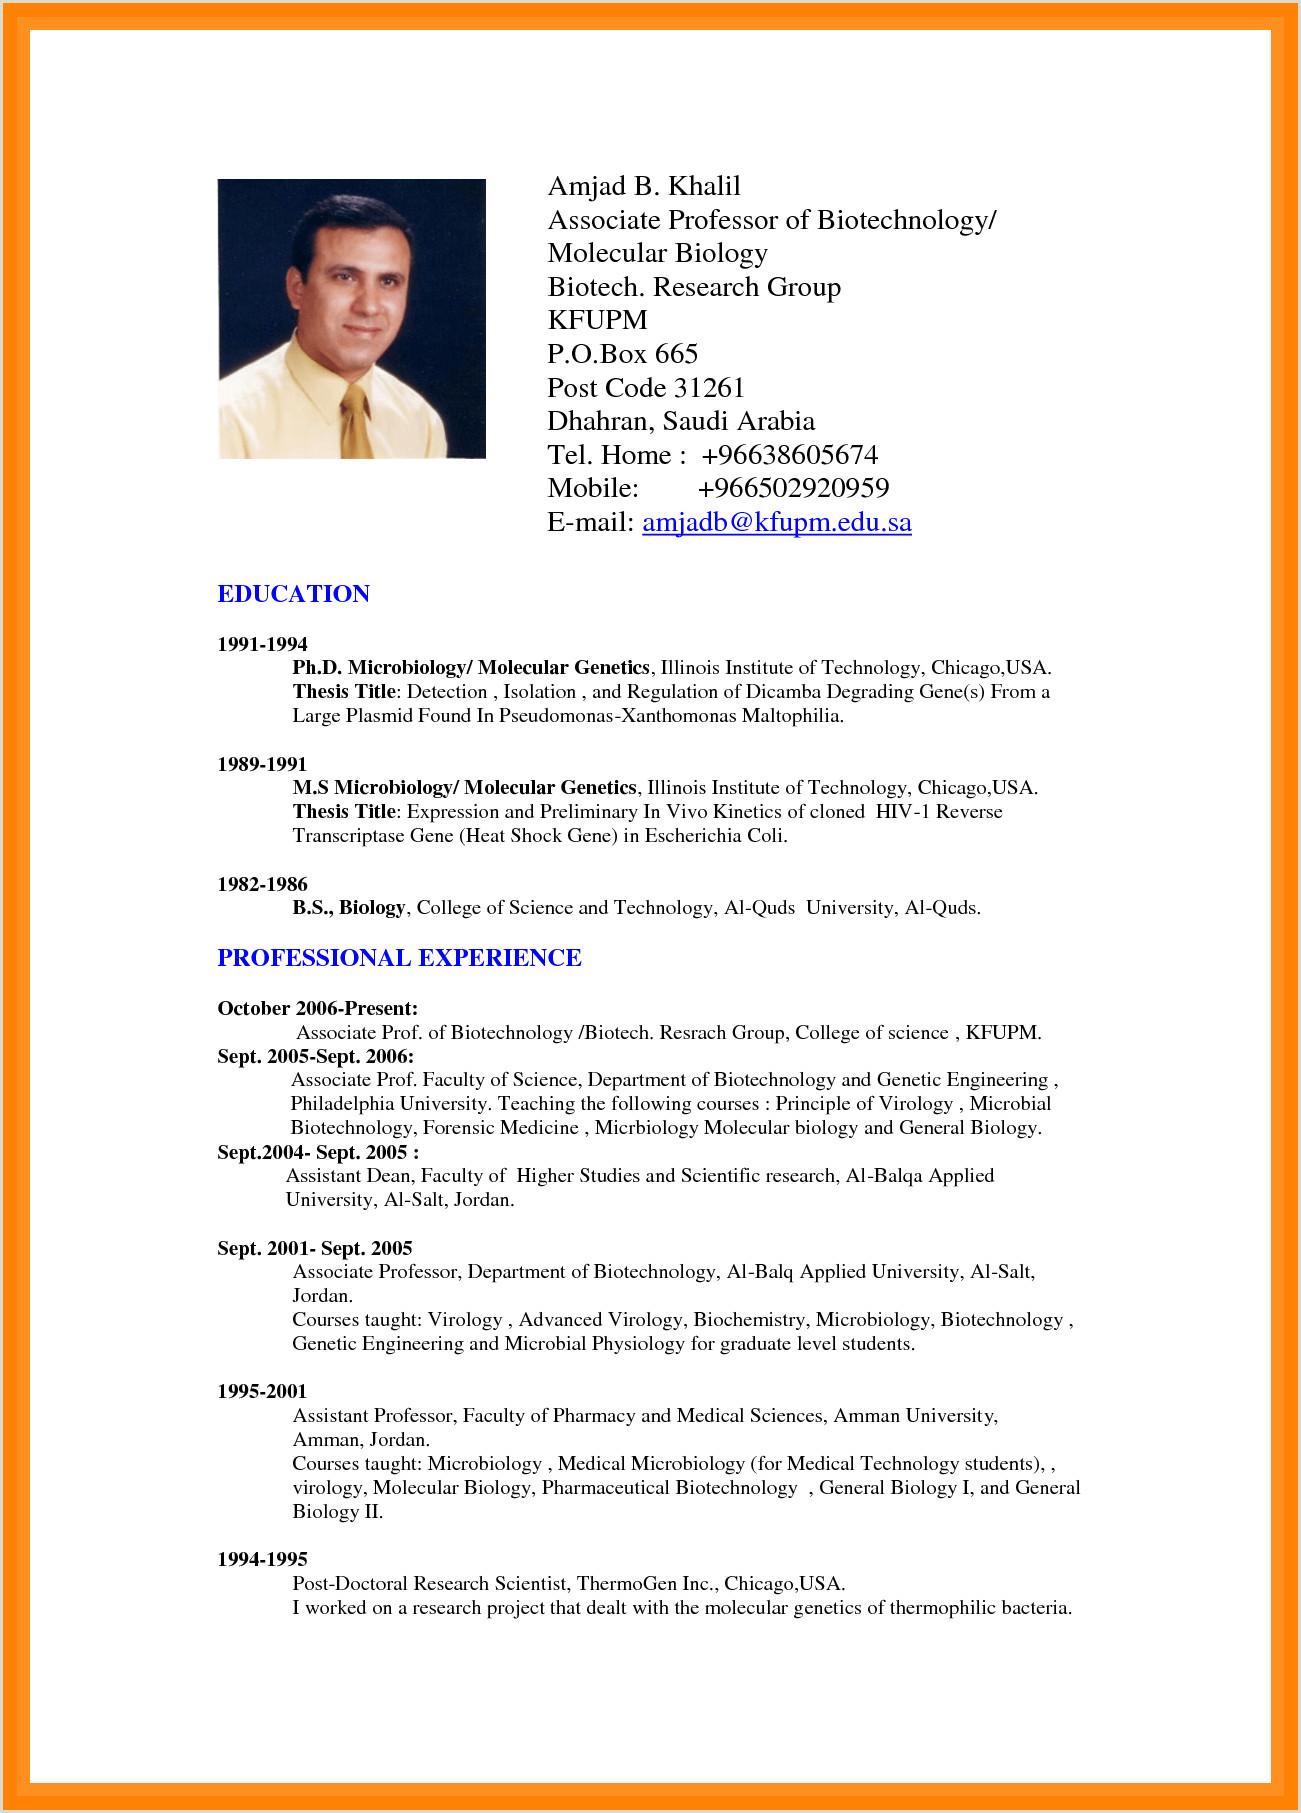 Professional Resume format Doc File Image Result for Cv Sample Doc Clip Art